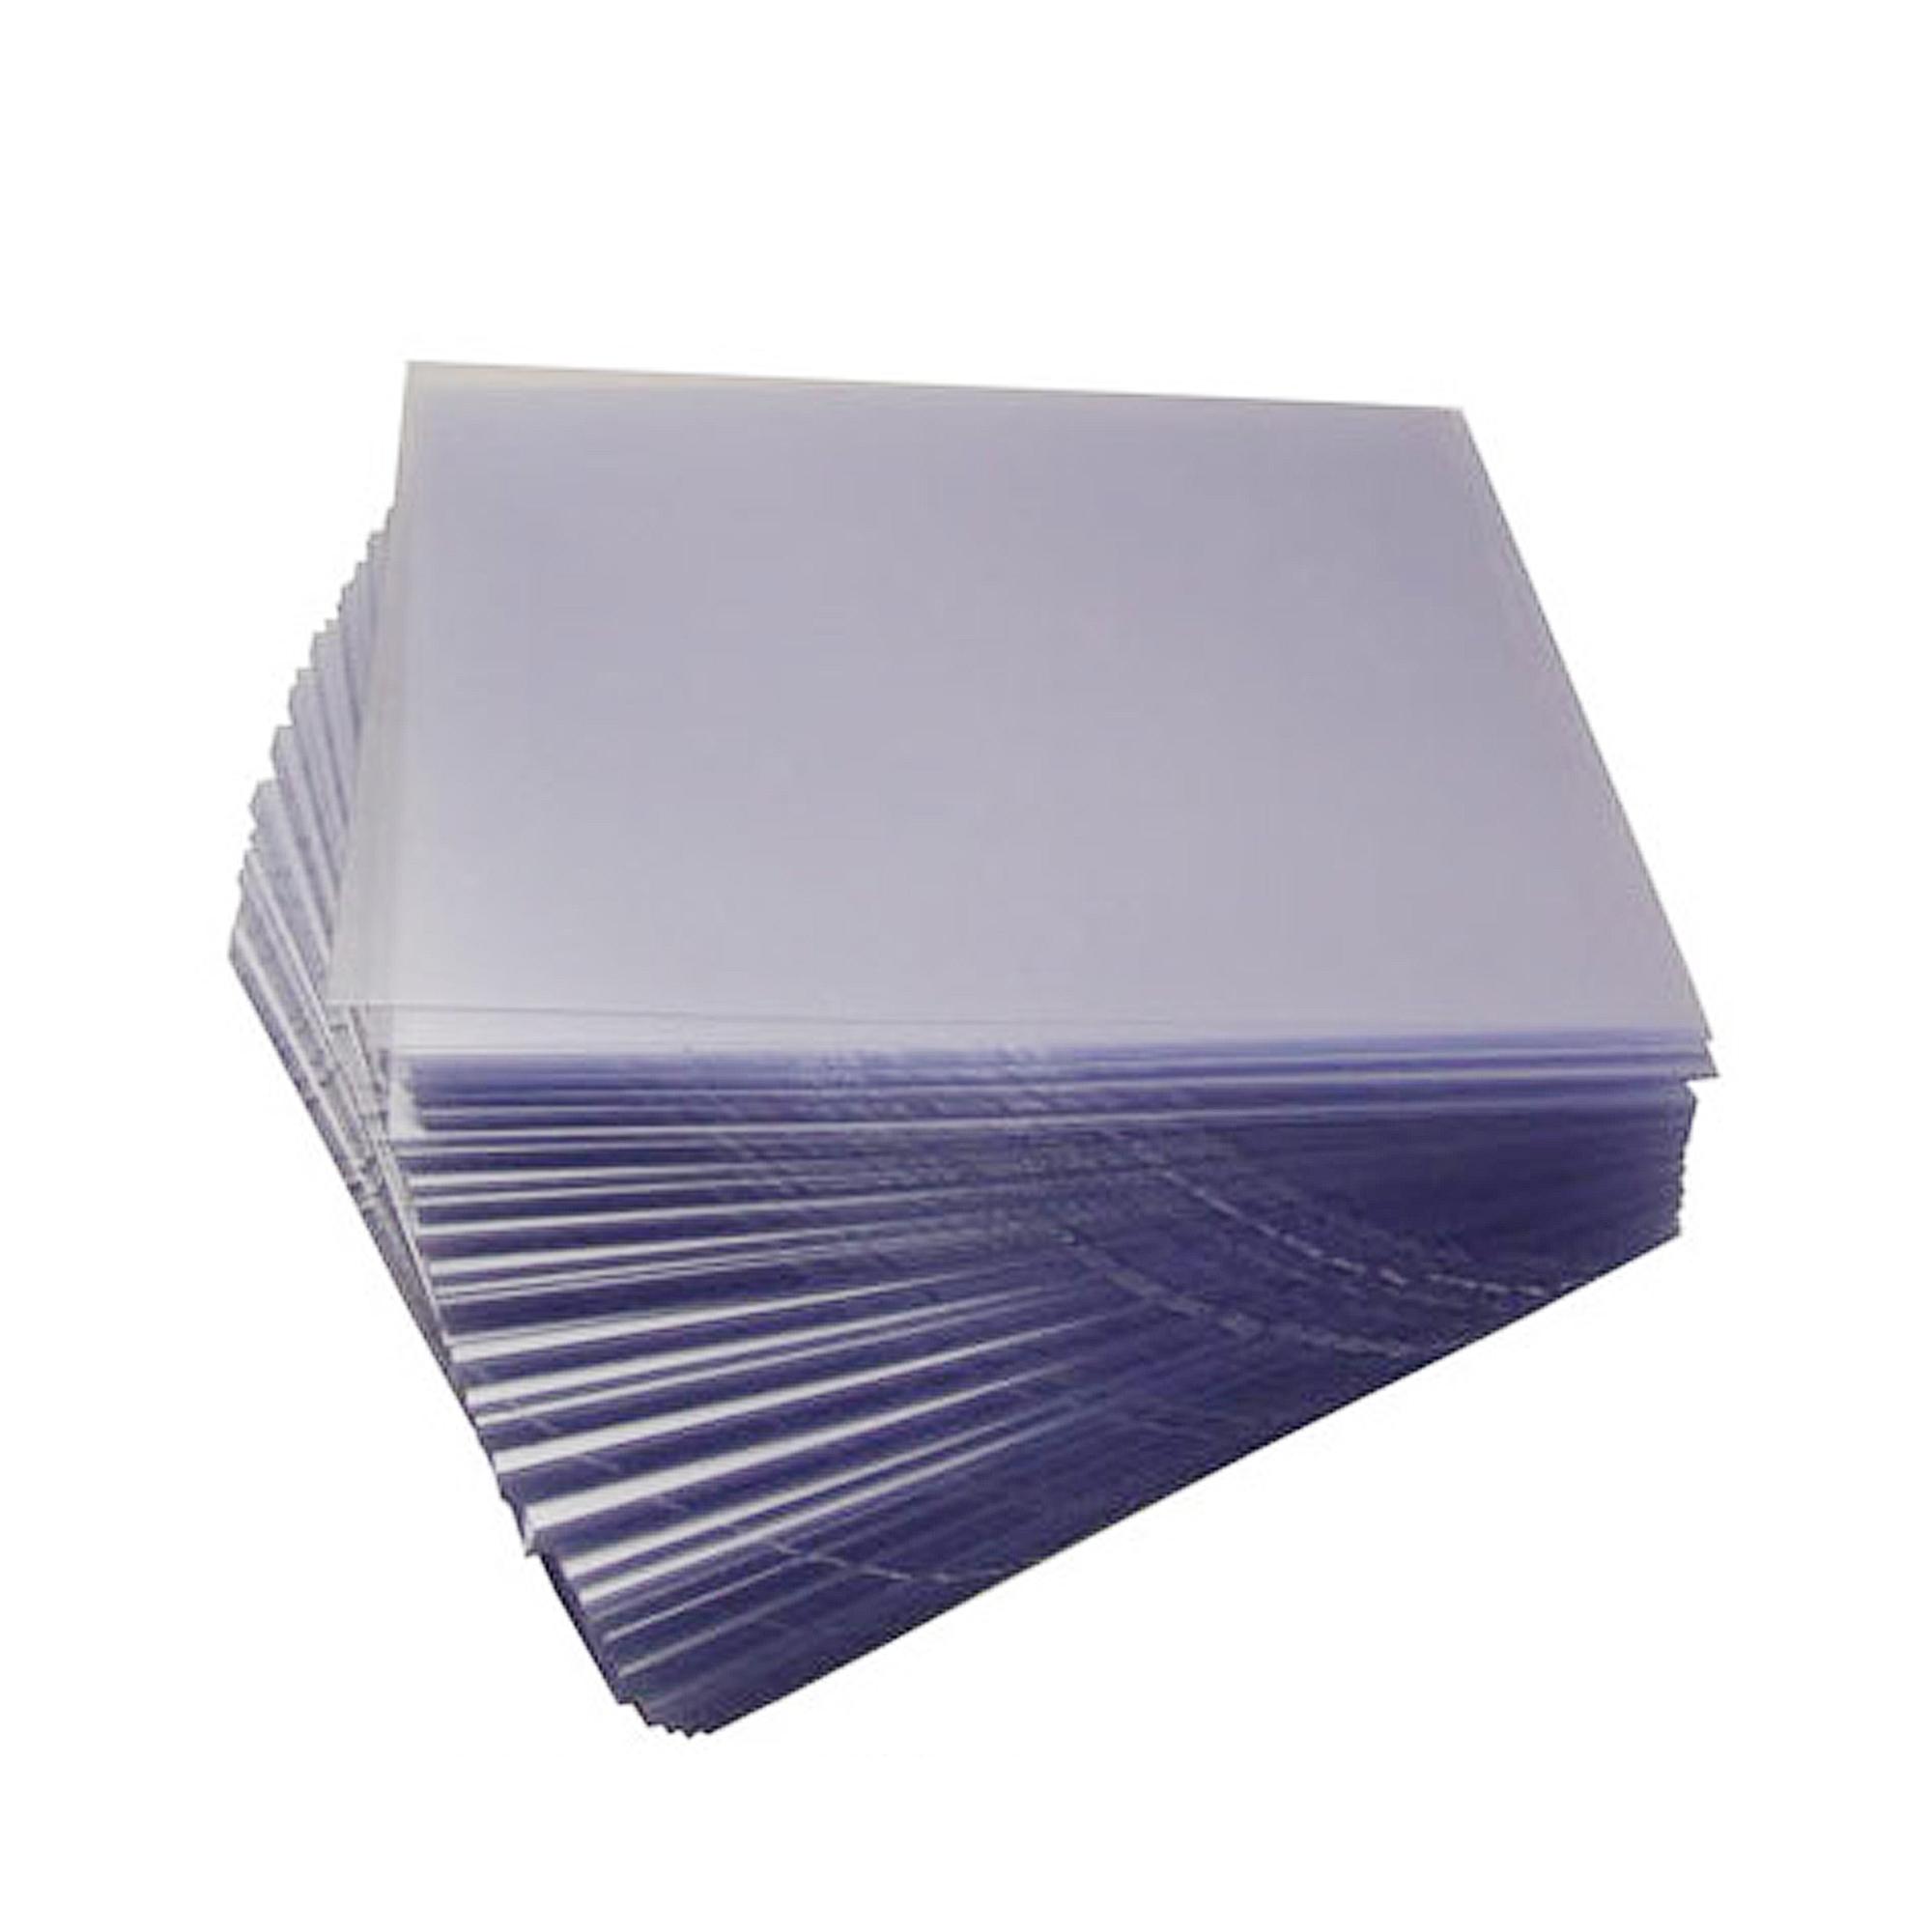 Ламинат с клеевым слоем (0,08 мм) формата А4, прозрачный